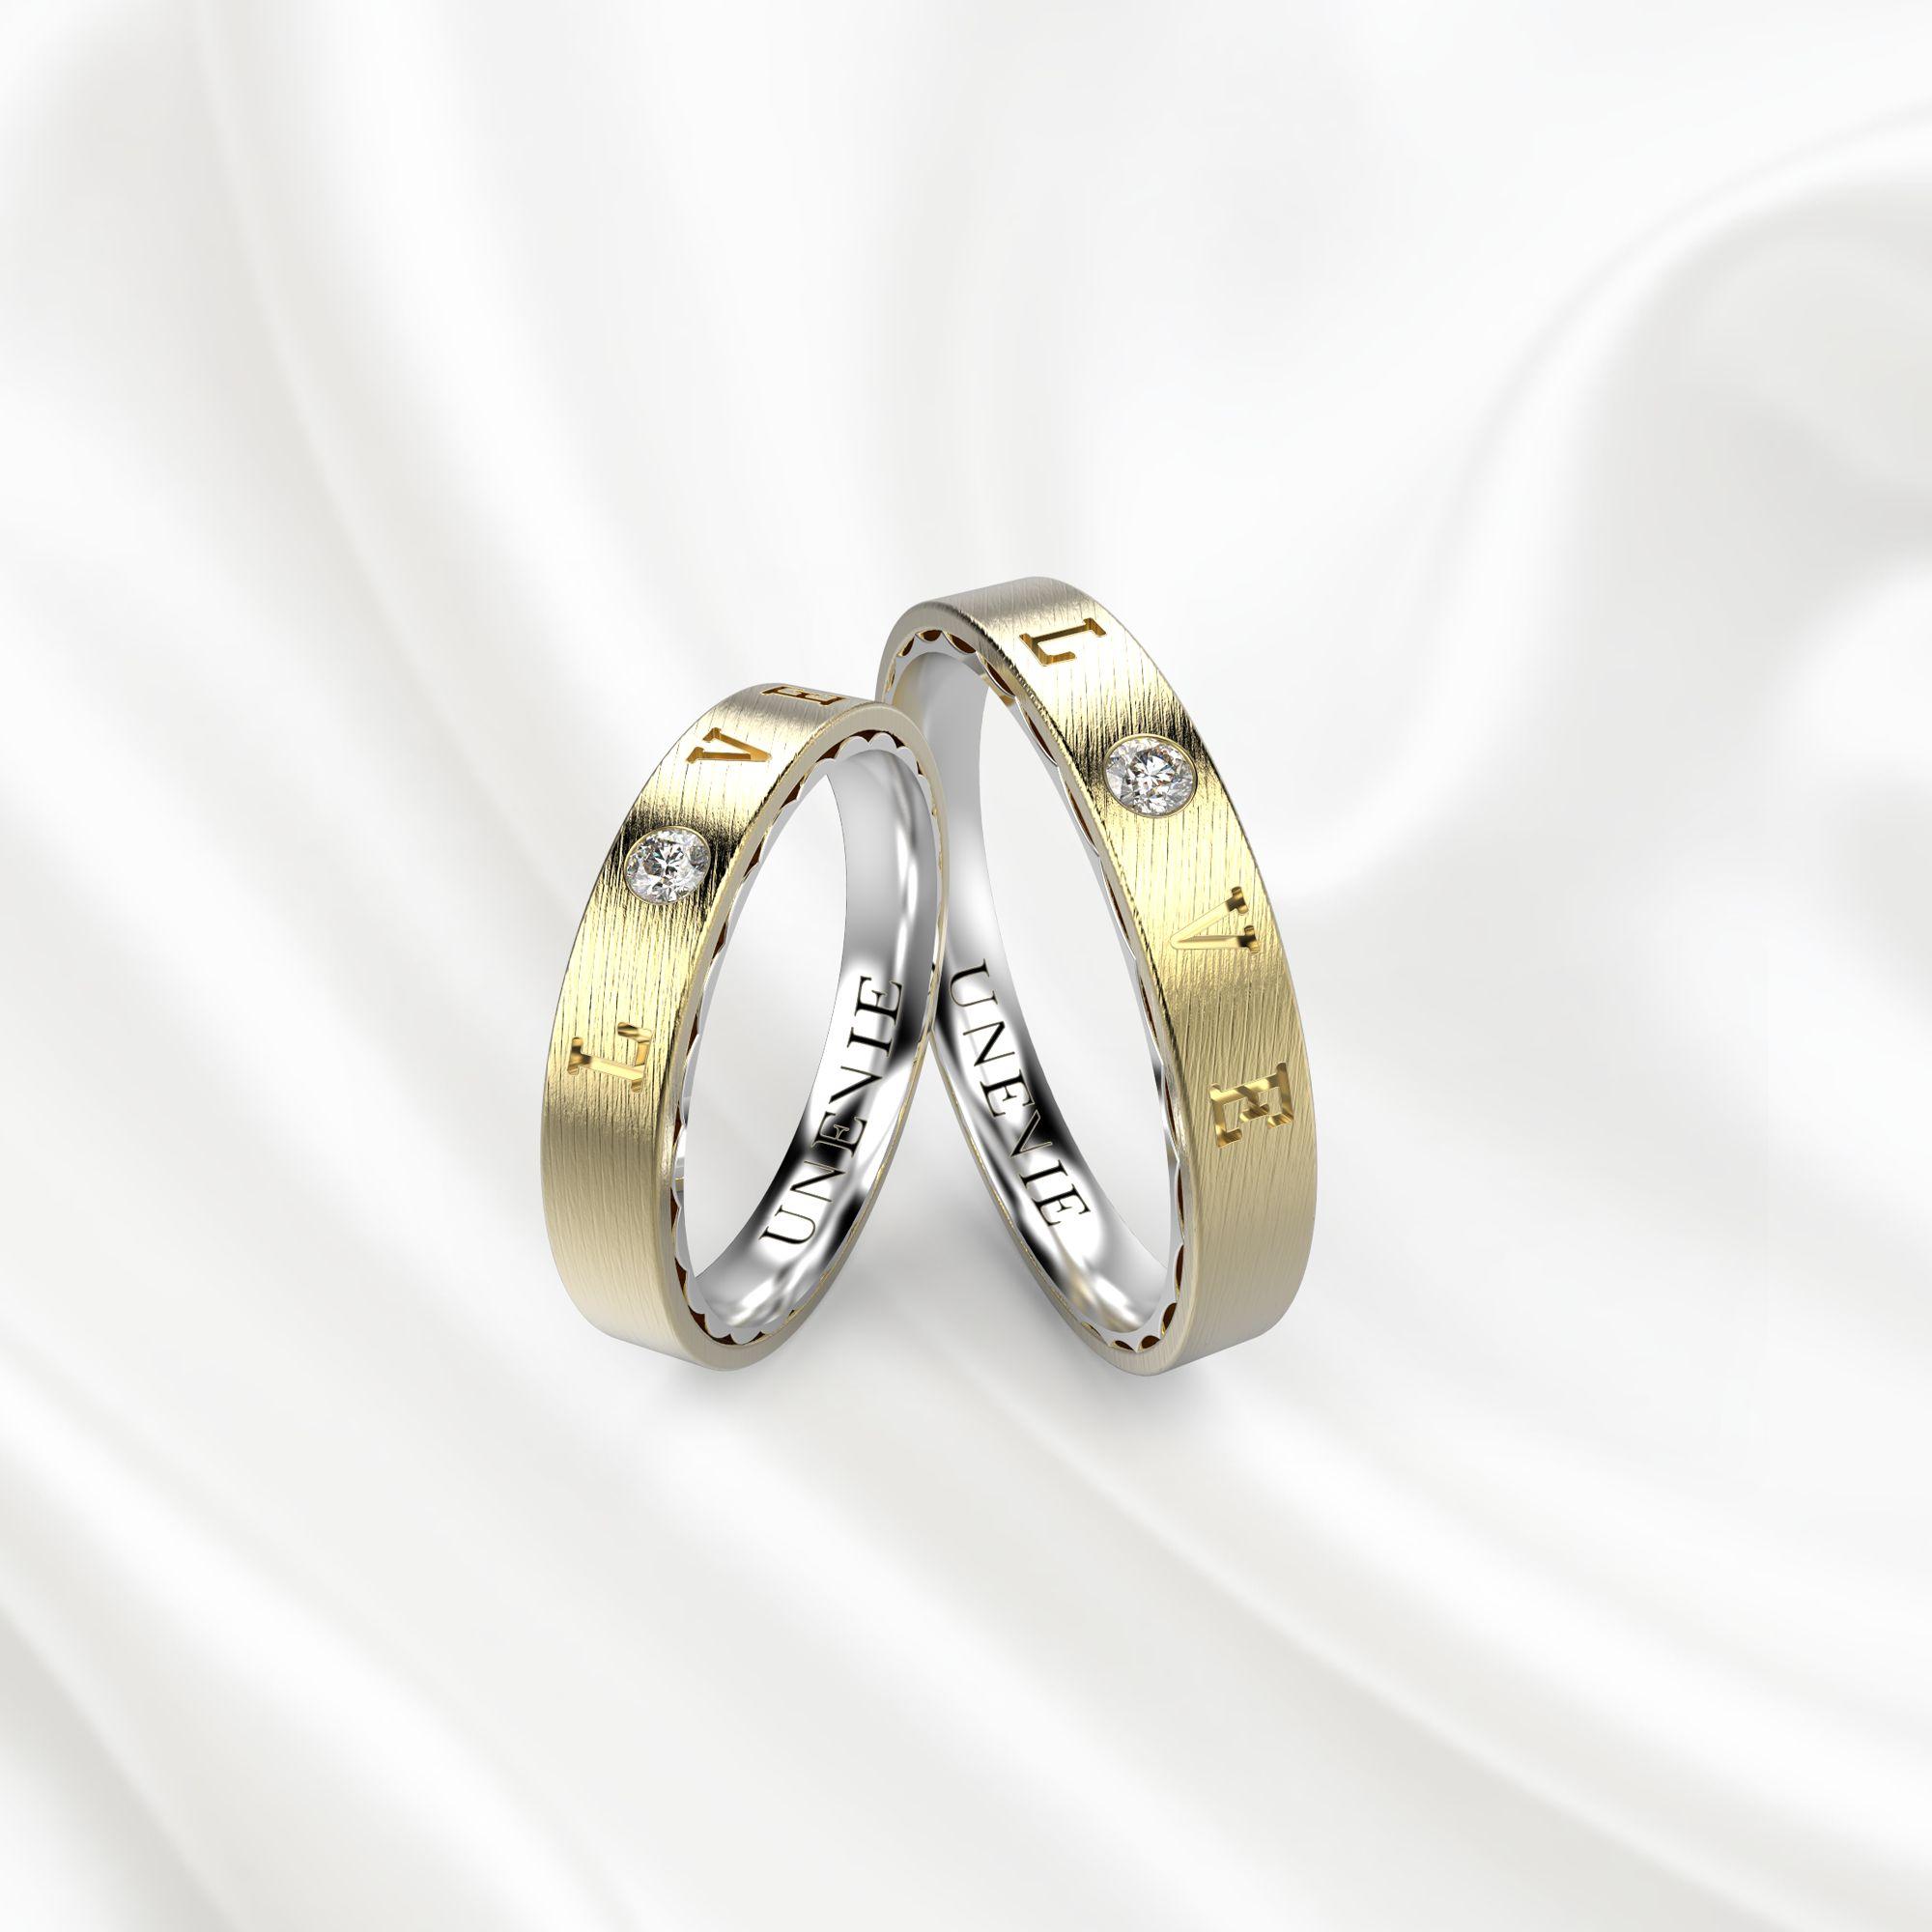 NV18 Обручальные кольца из желто-белого золота